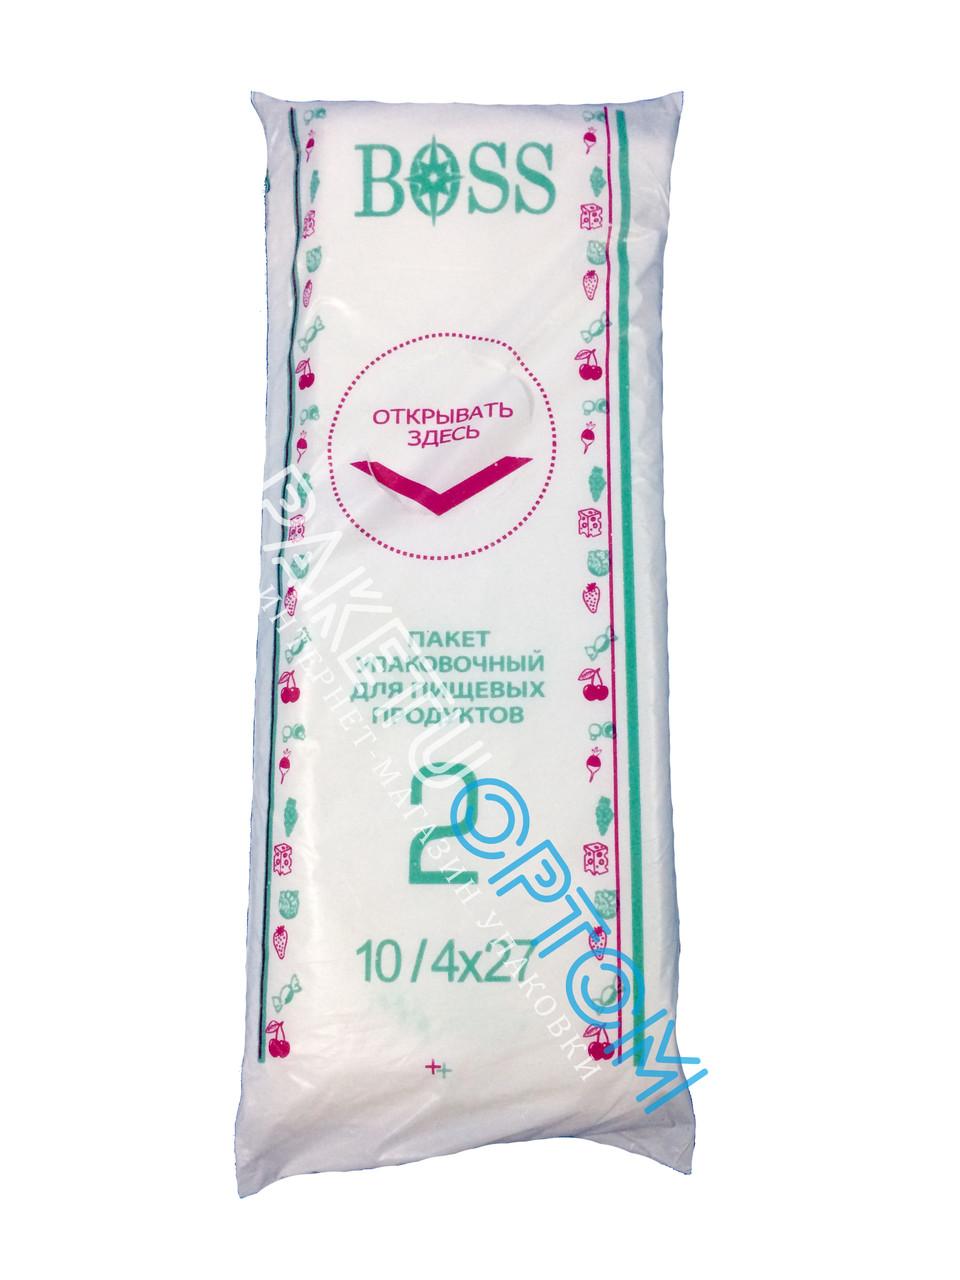 Полиэтиленовые пакеты в пластах Boss№2 размер10/4х27